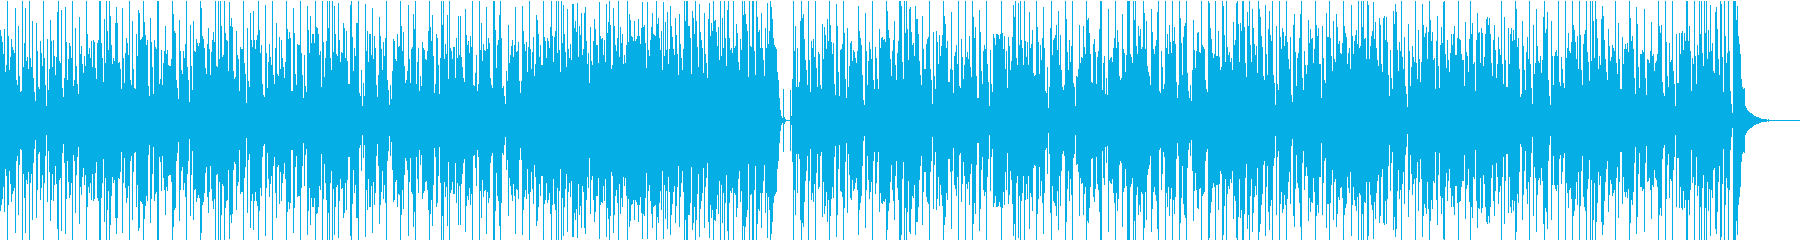 ファンク/ブラス/かっこいい/ノリノリの再生済みの波形